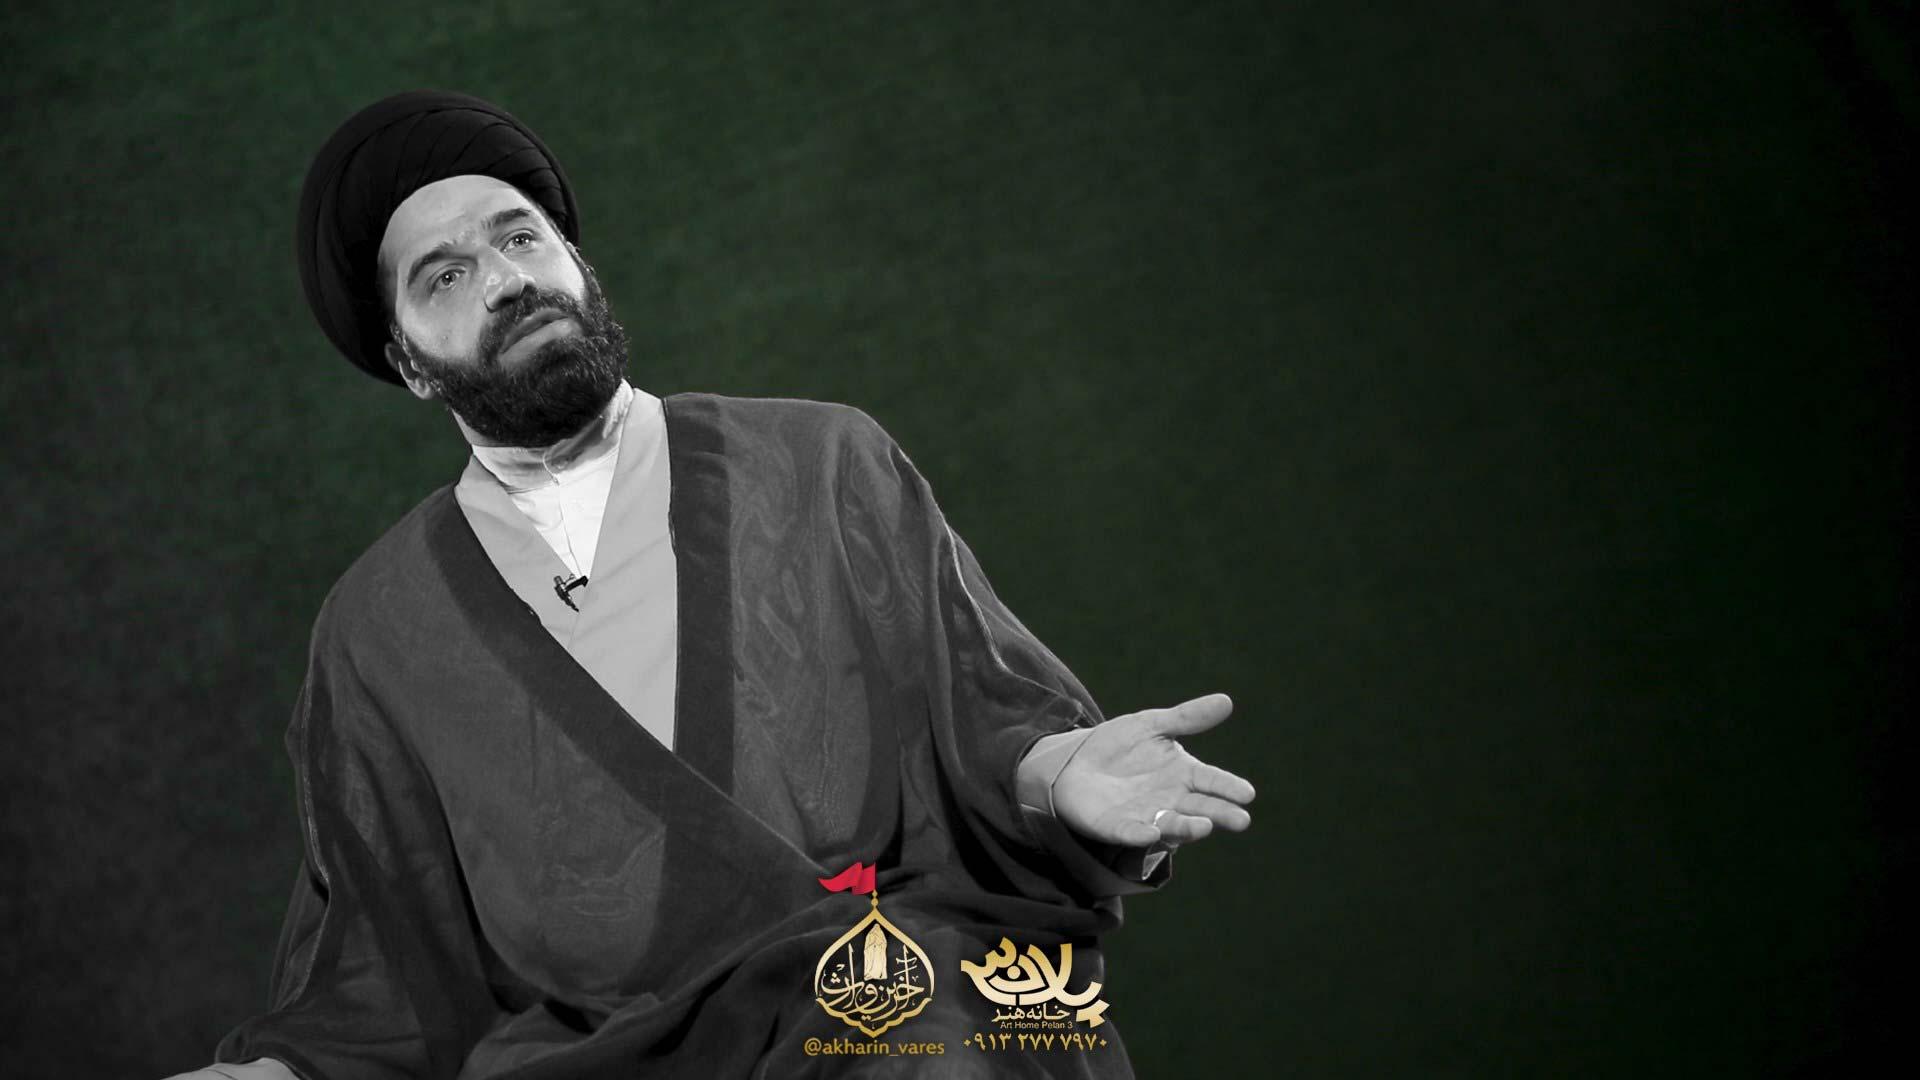 من کنت مولا هادی احمدی